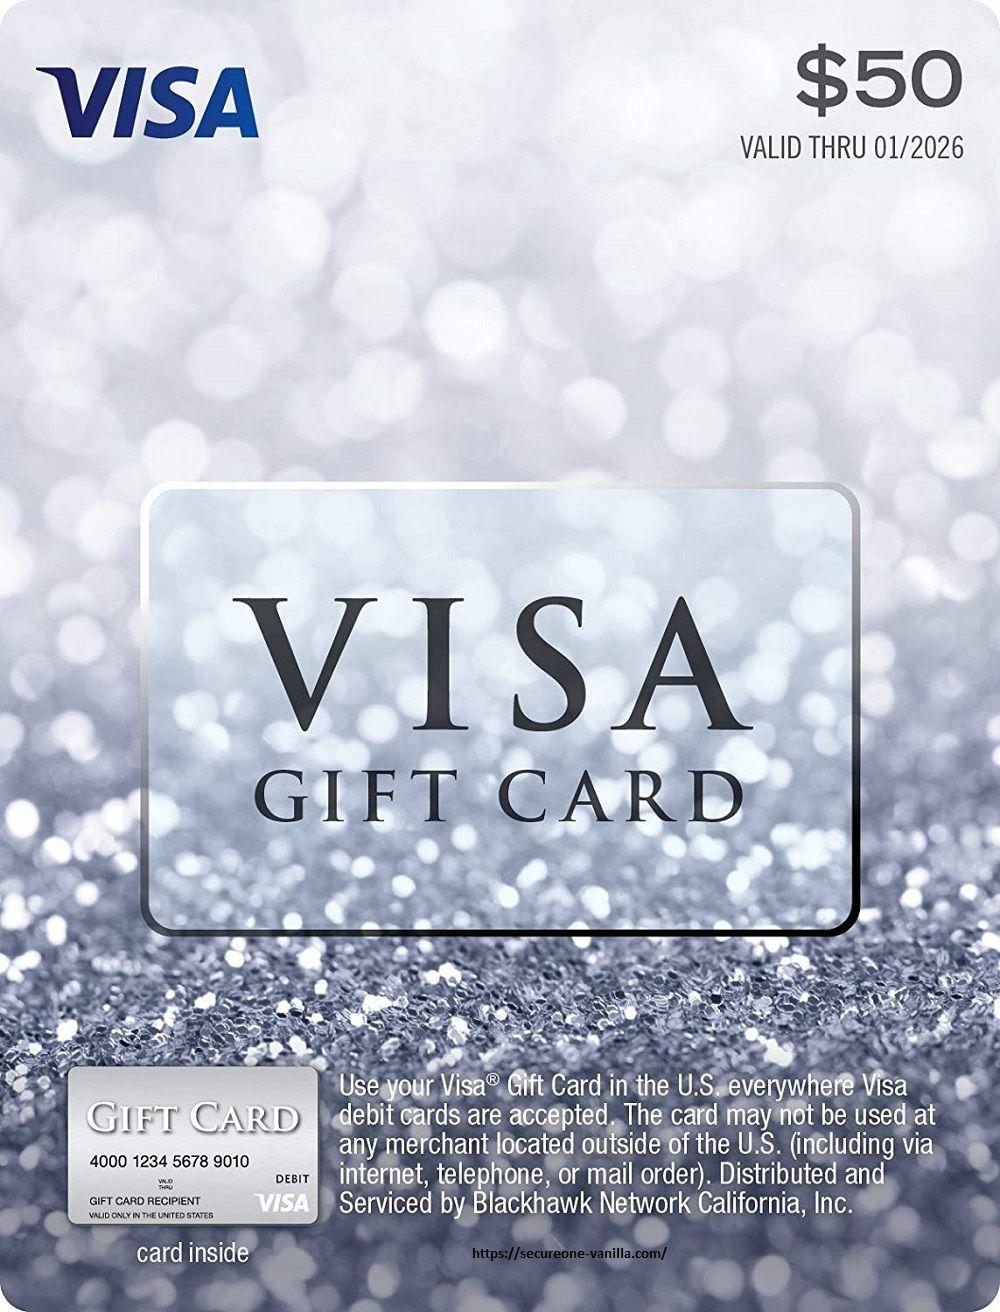 Vanilla Gift Card Visa Balance Check How To Use Onevanilla Gift Card Visa Gift Card Visa Gift Card Balance Gas Gift Cards